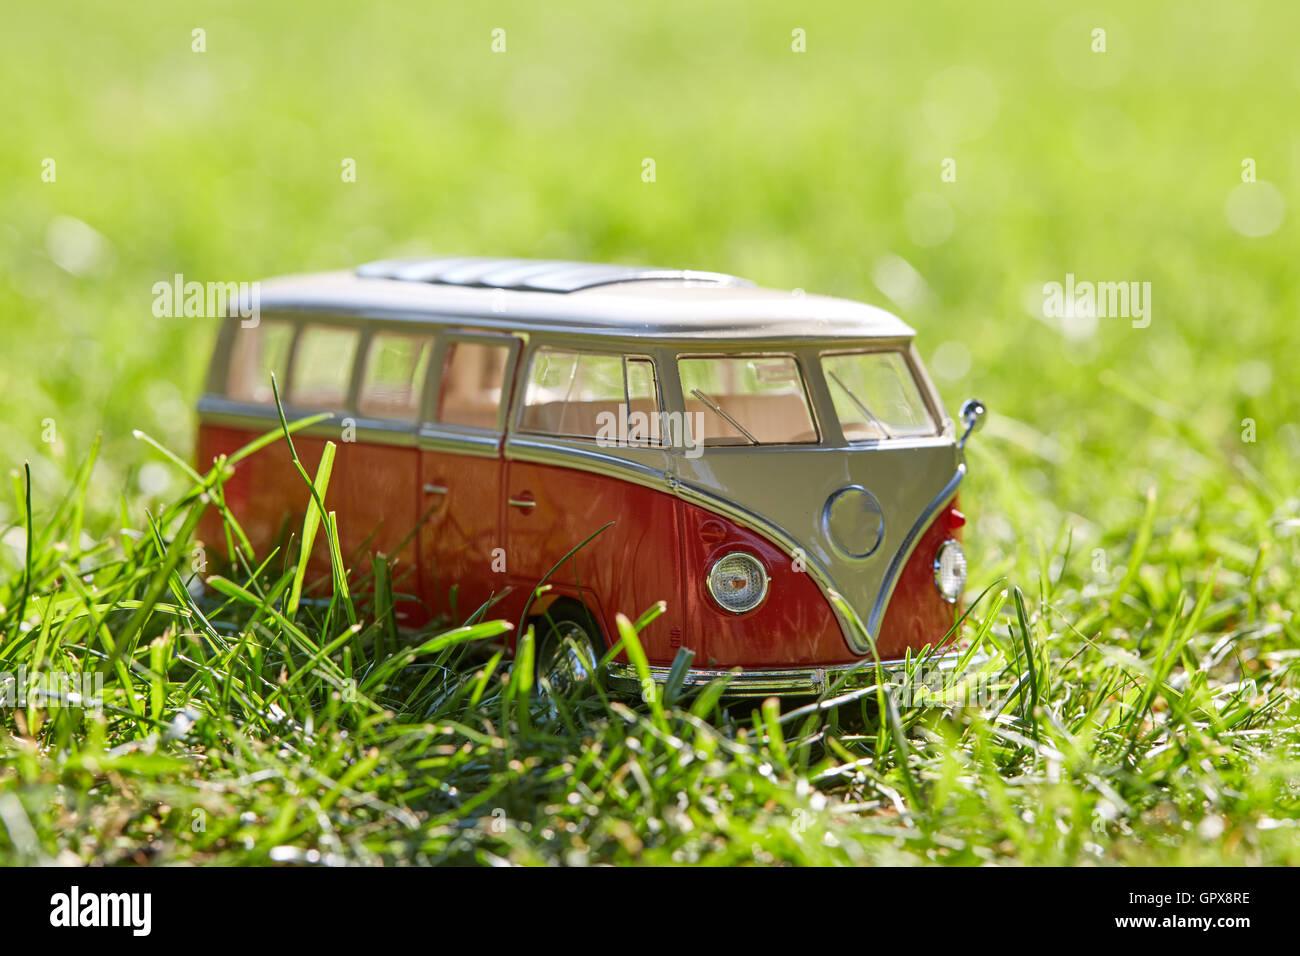 Fein Schaltsymbol Für Summer Fotos - Der Schaltplan - triangre.info